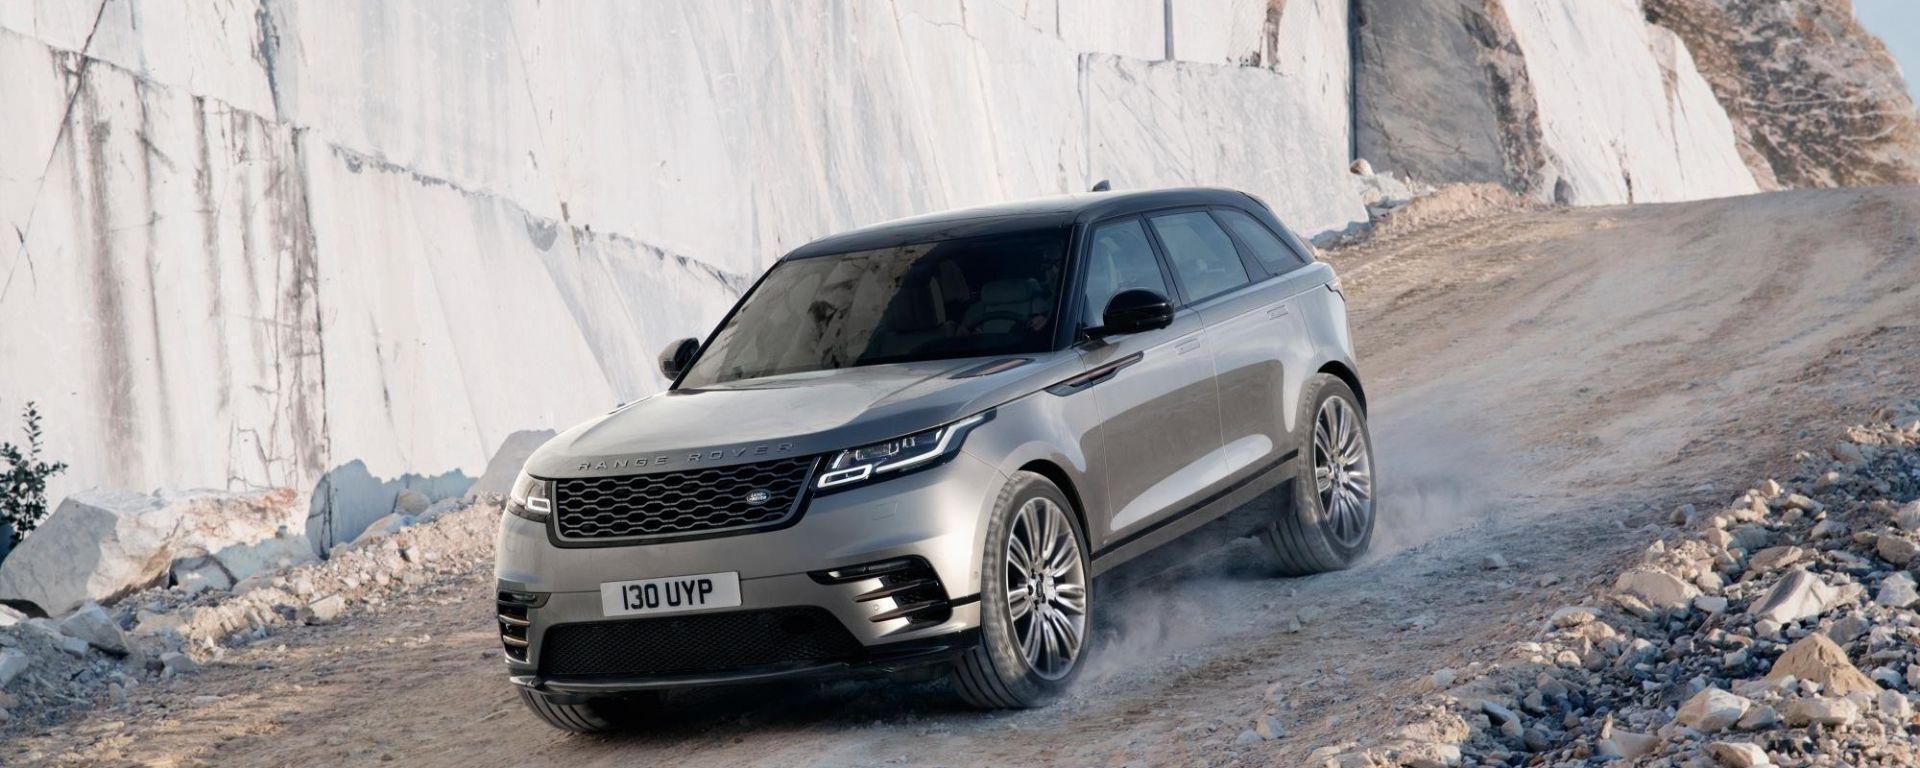 Range Rover Velar: il listino prezzi del nuovo suv inglese